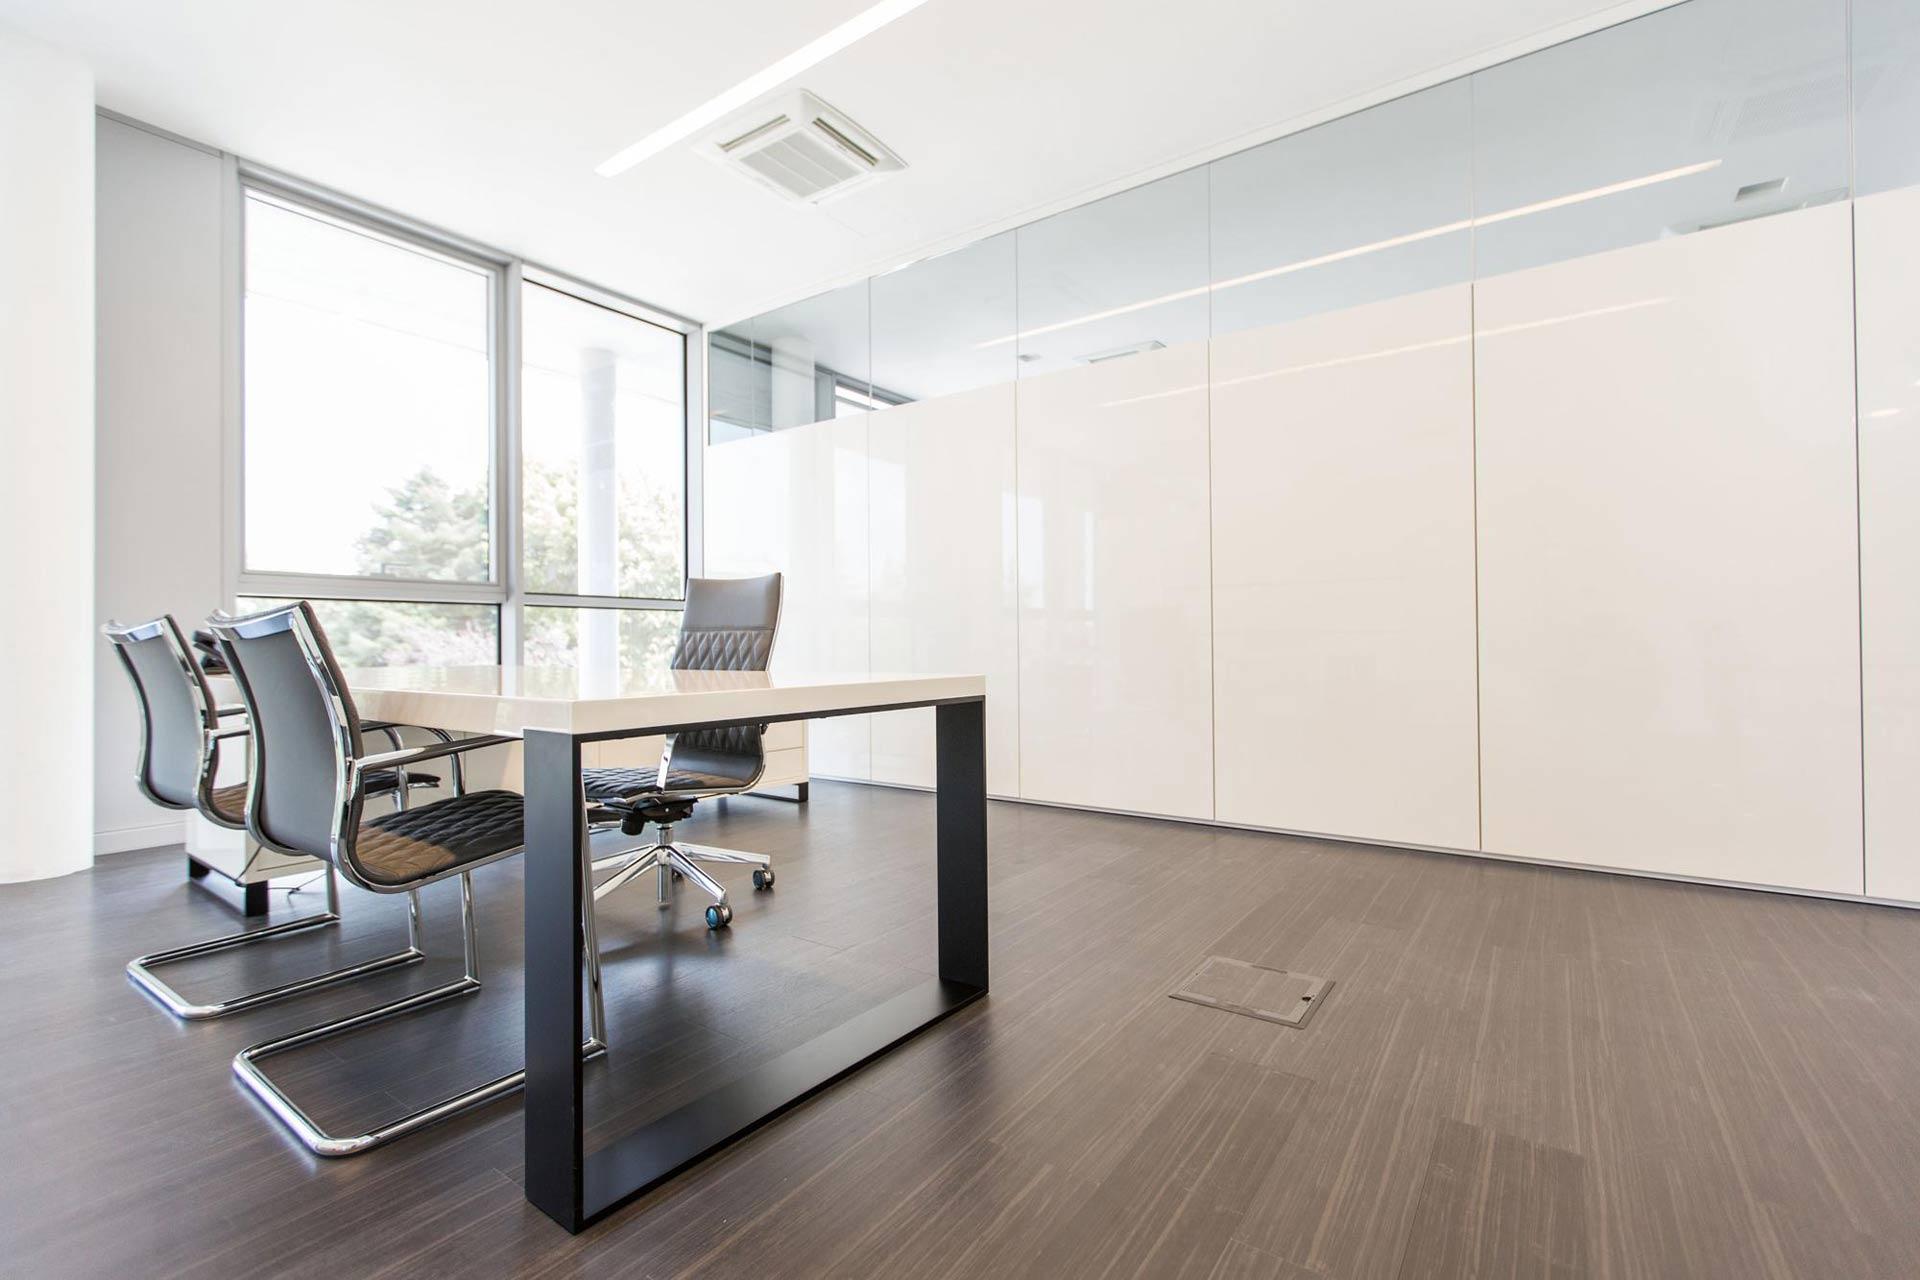 Bruno presezzi spa arredamento per ufficio ivm office for Arredamenti ufficio